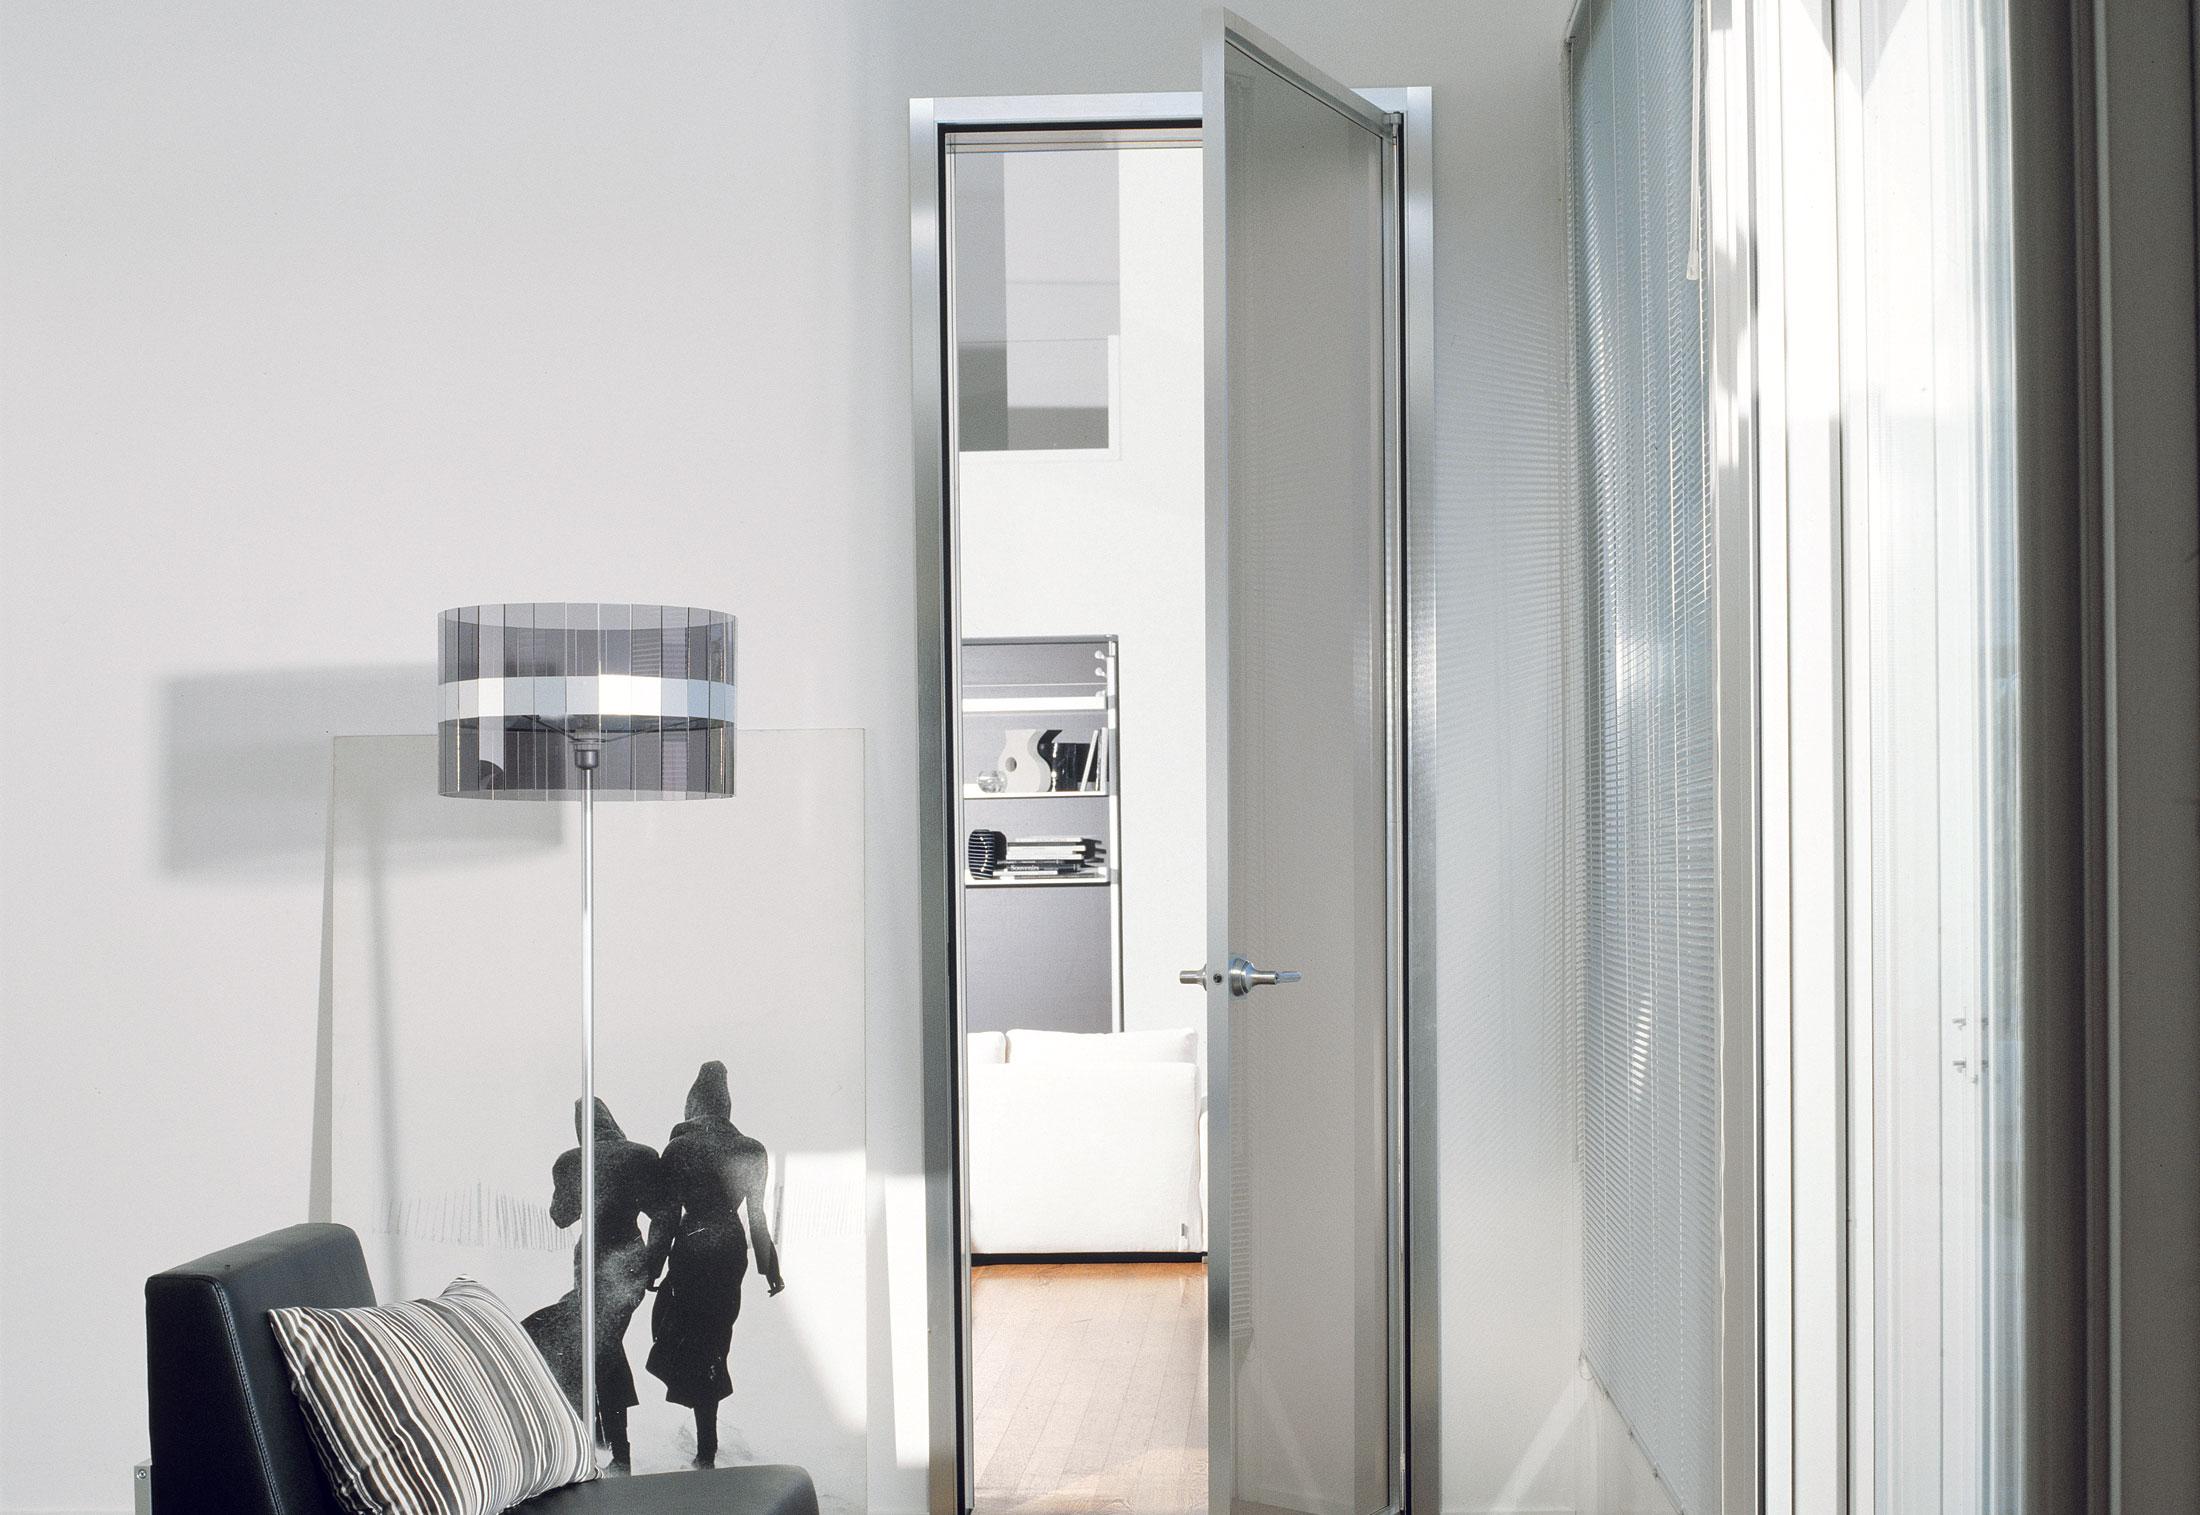 doors aufnahme enquiry swing flexible form door